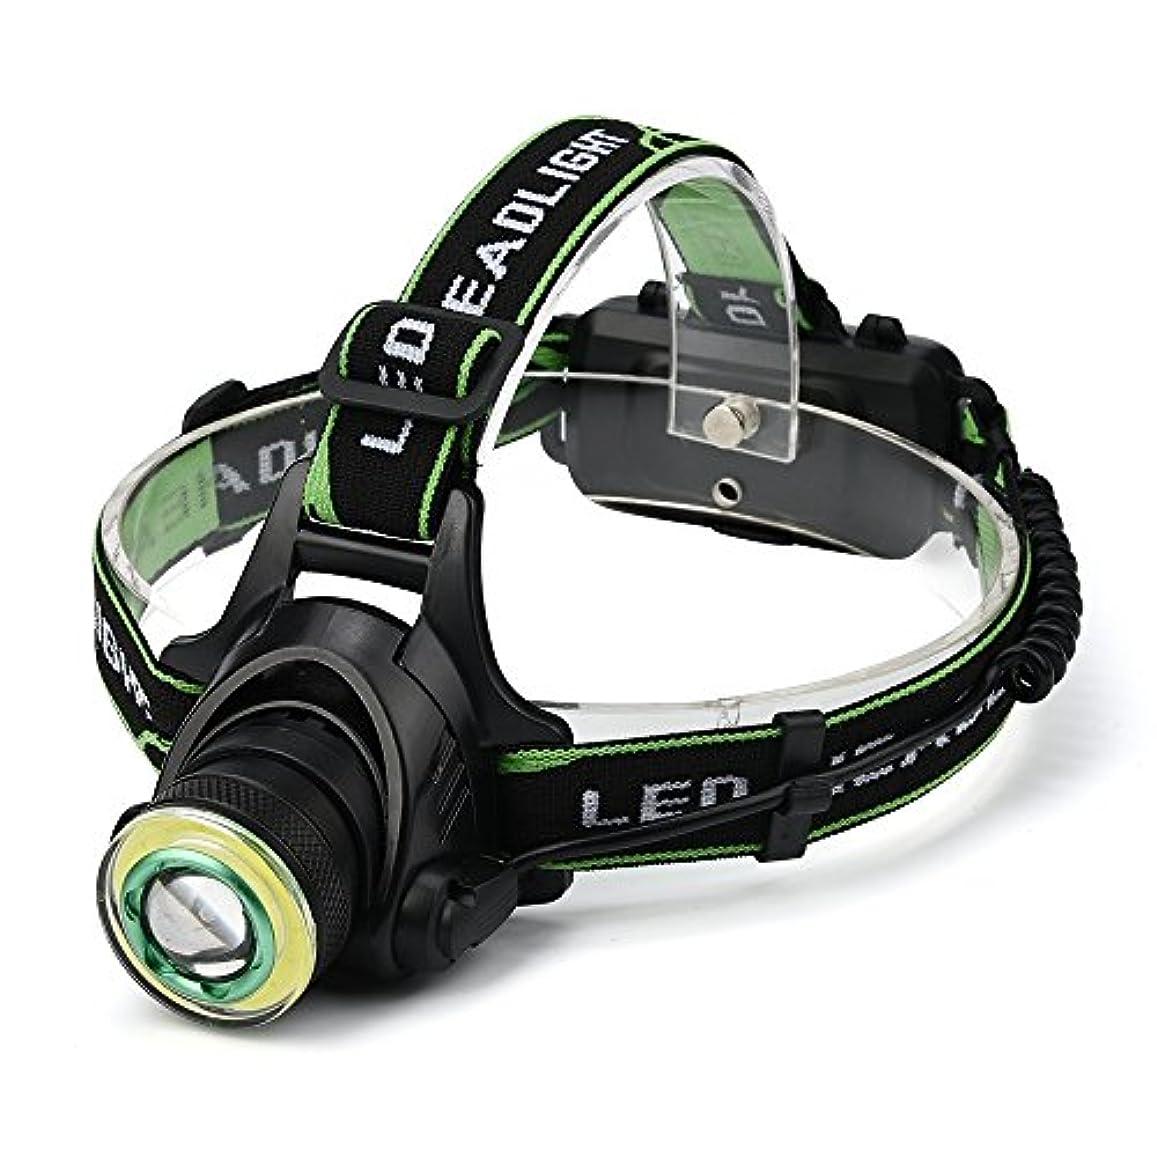 ブラケットつかまえる適応スーパーブライト Ledヘッドライトヘッドライト充電式usbヘッドランプ照明懐中電灯トーチ用2×18650バッテリー用ヘッドランプ屋外ハイキング釣りキャンプ